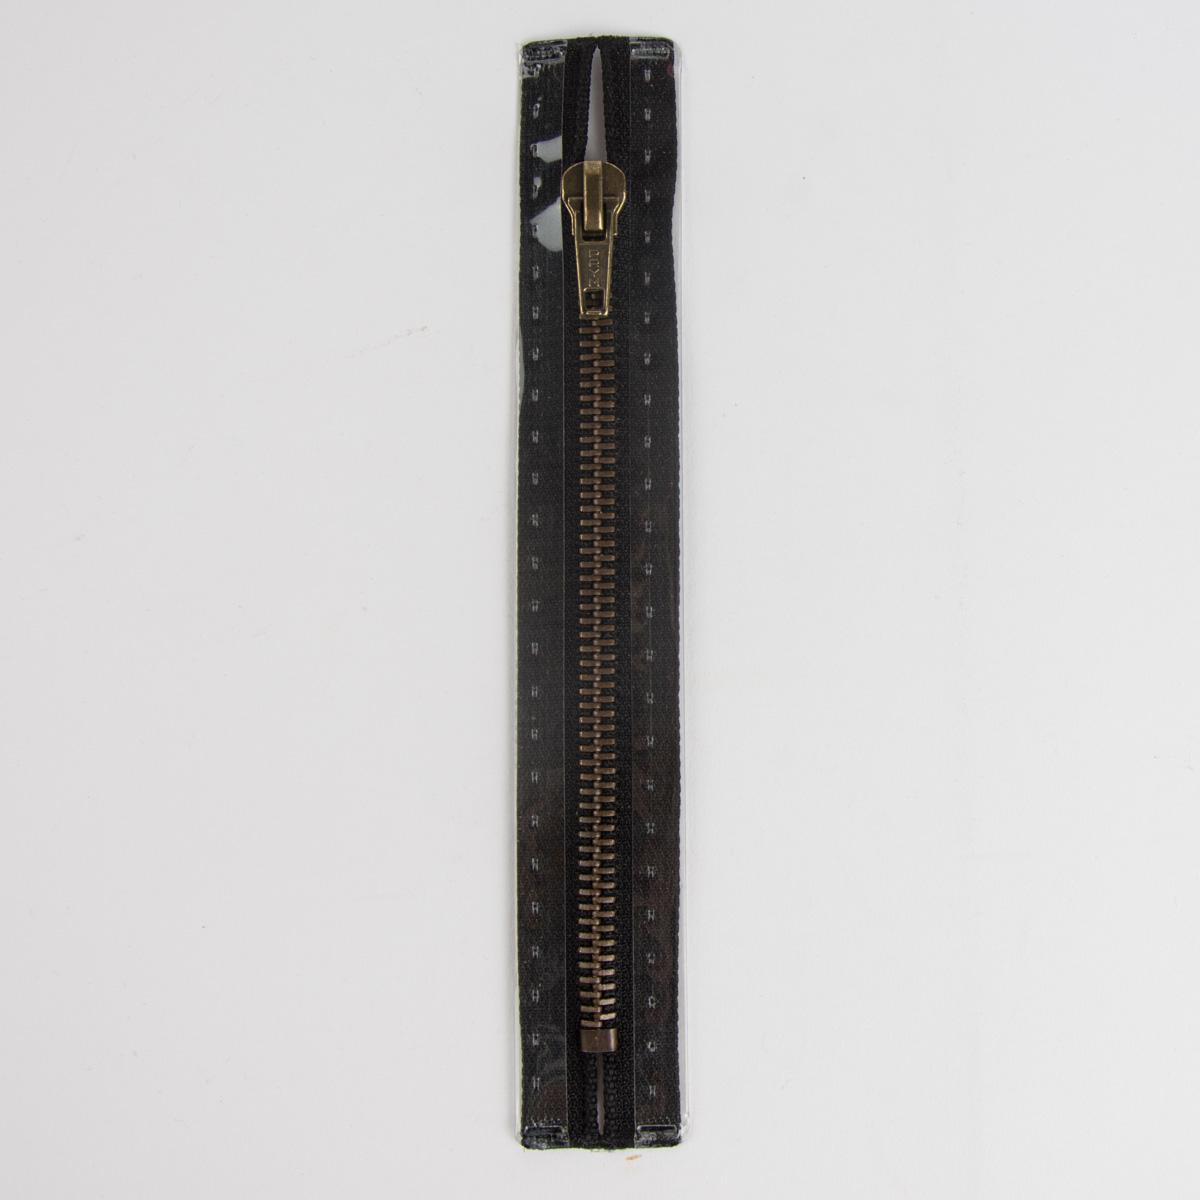 Reißverschluss M6 Typ 10 ut 18 cm am-fb Fla schwarz